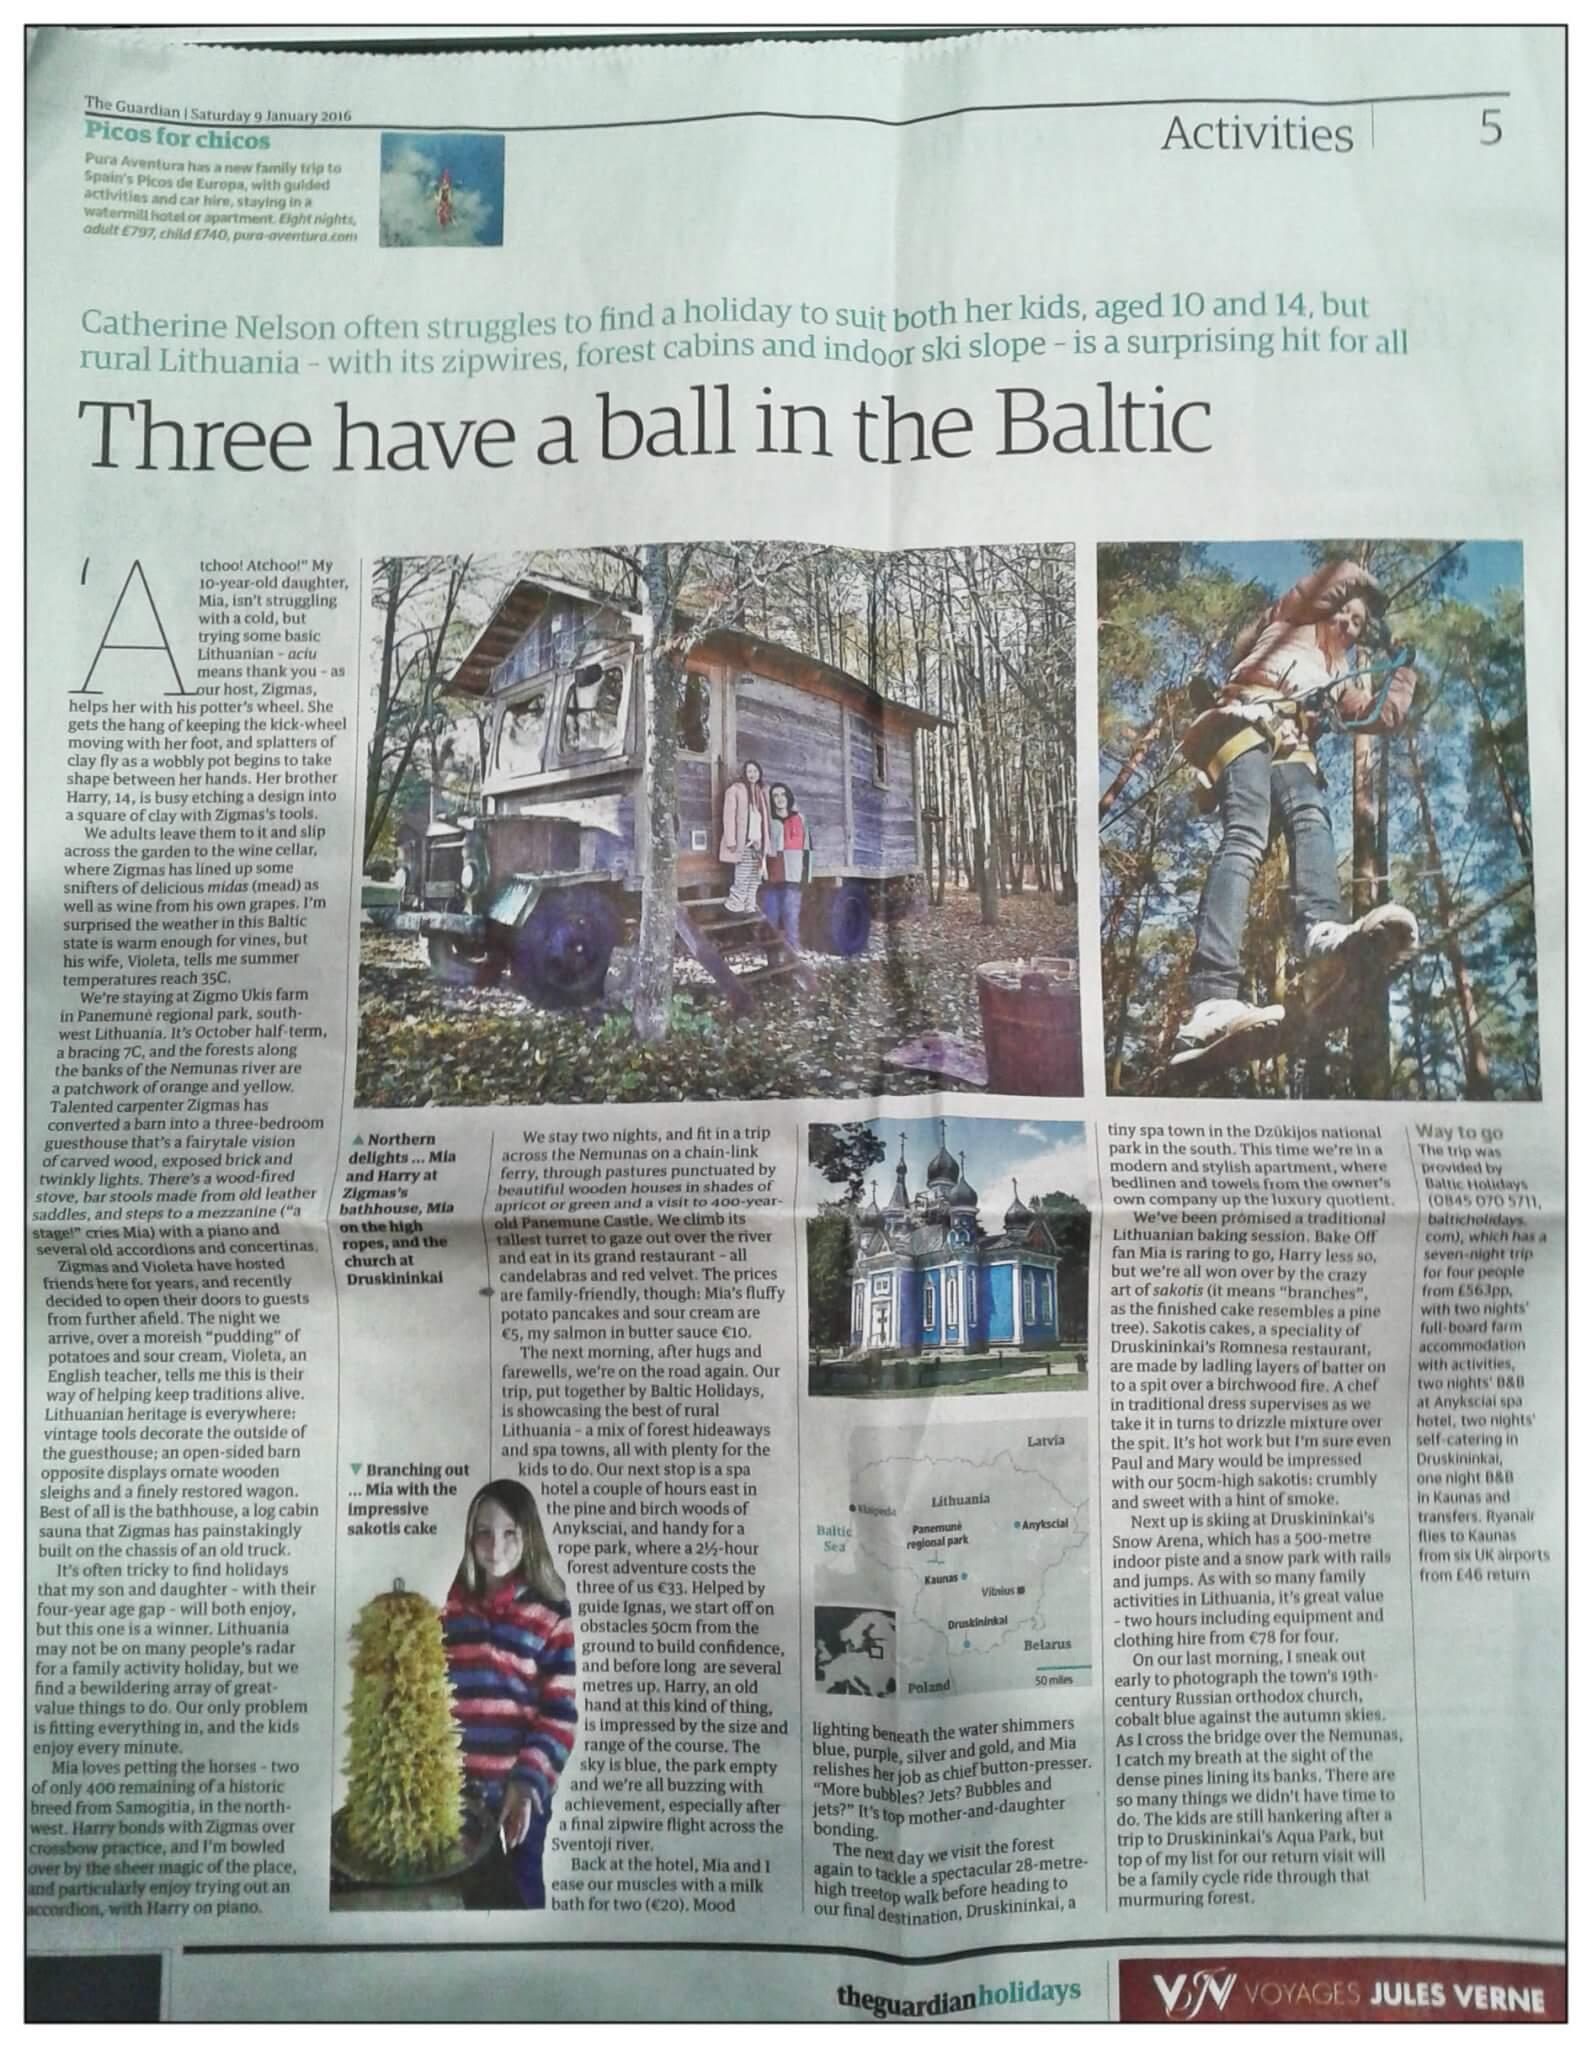 The Guardian_žiniasklaida apie mus